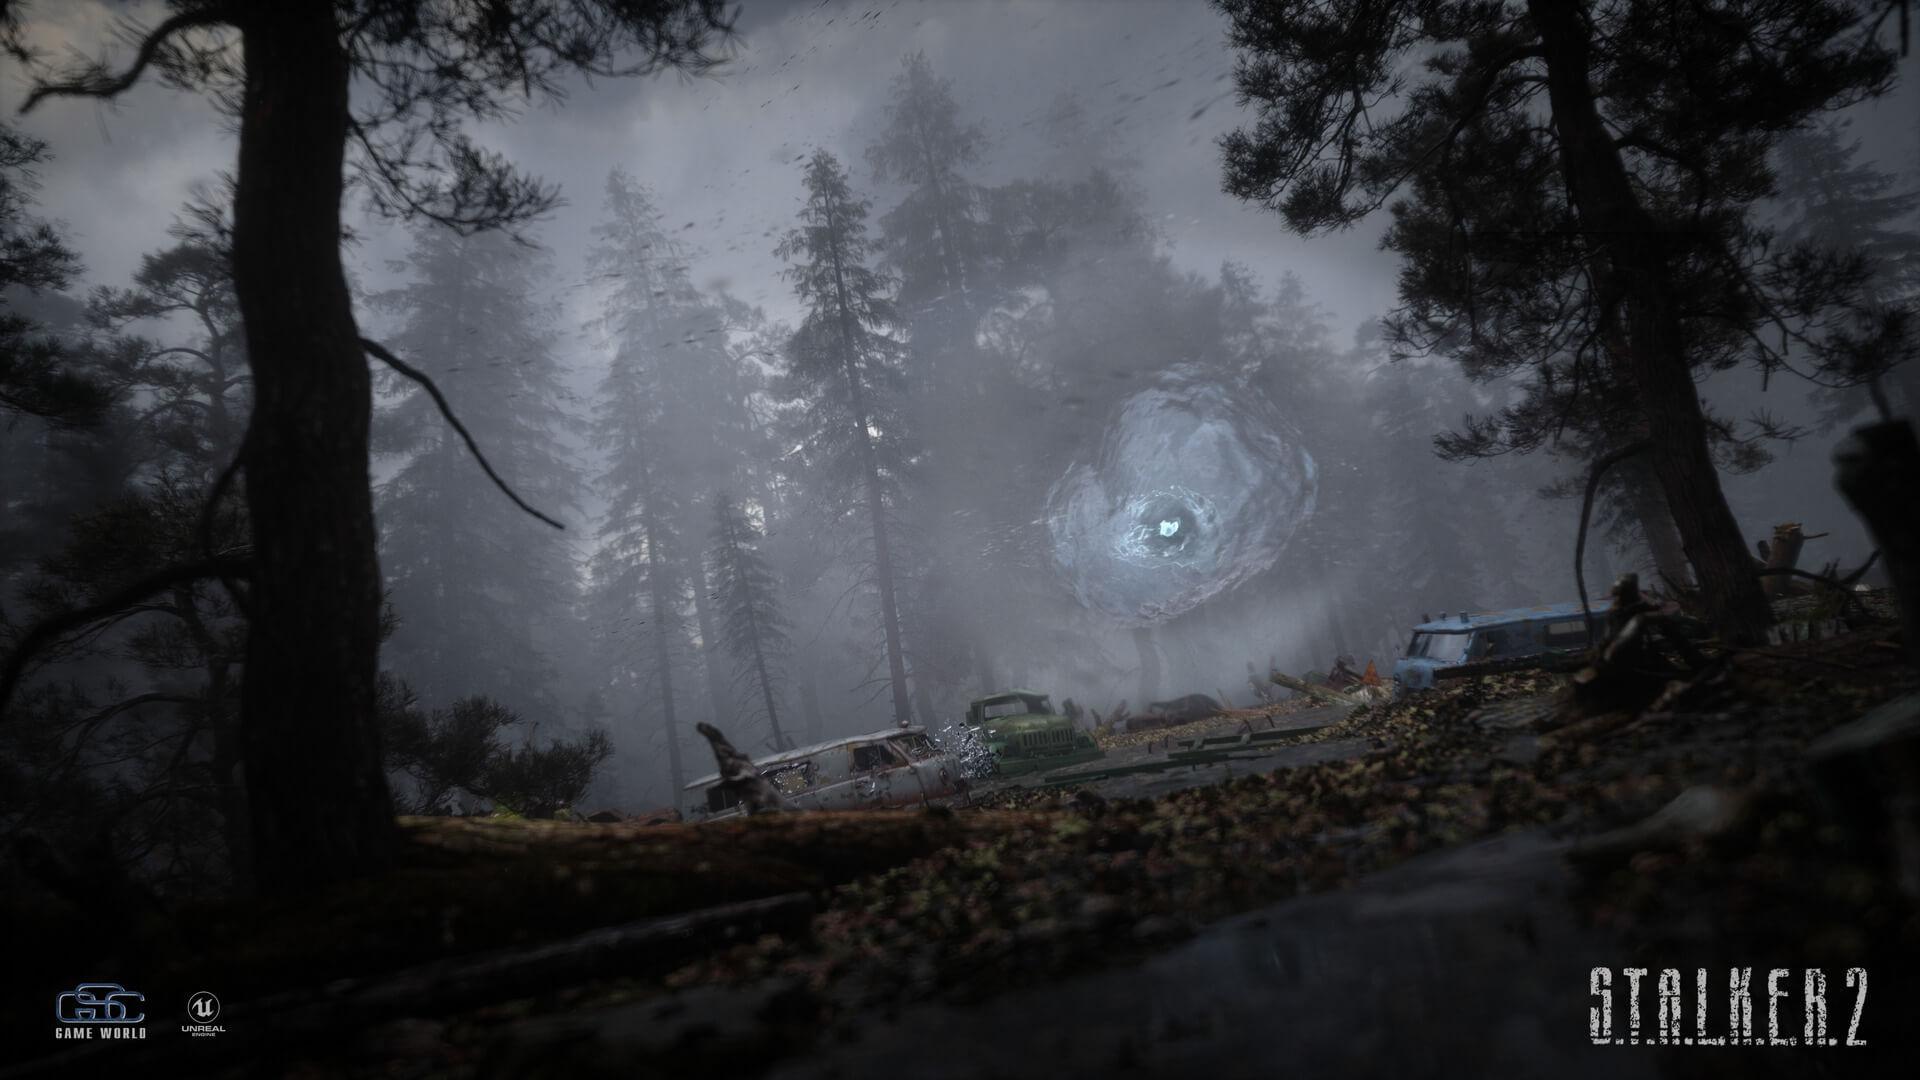 STALKER 2 - Официальный скриншот на Unreal Engine 4 против фанатского ремейка на CRYENGINE